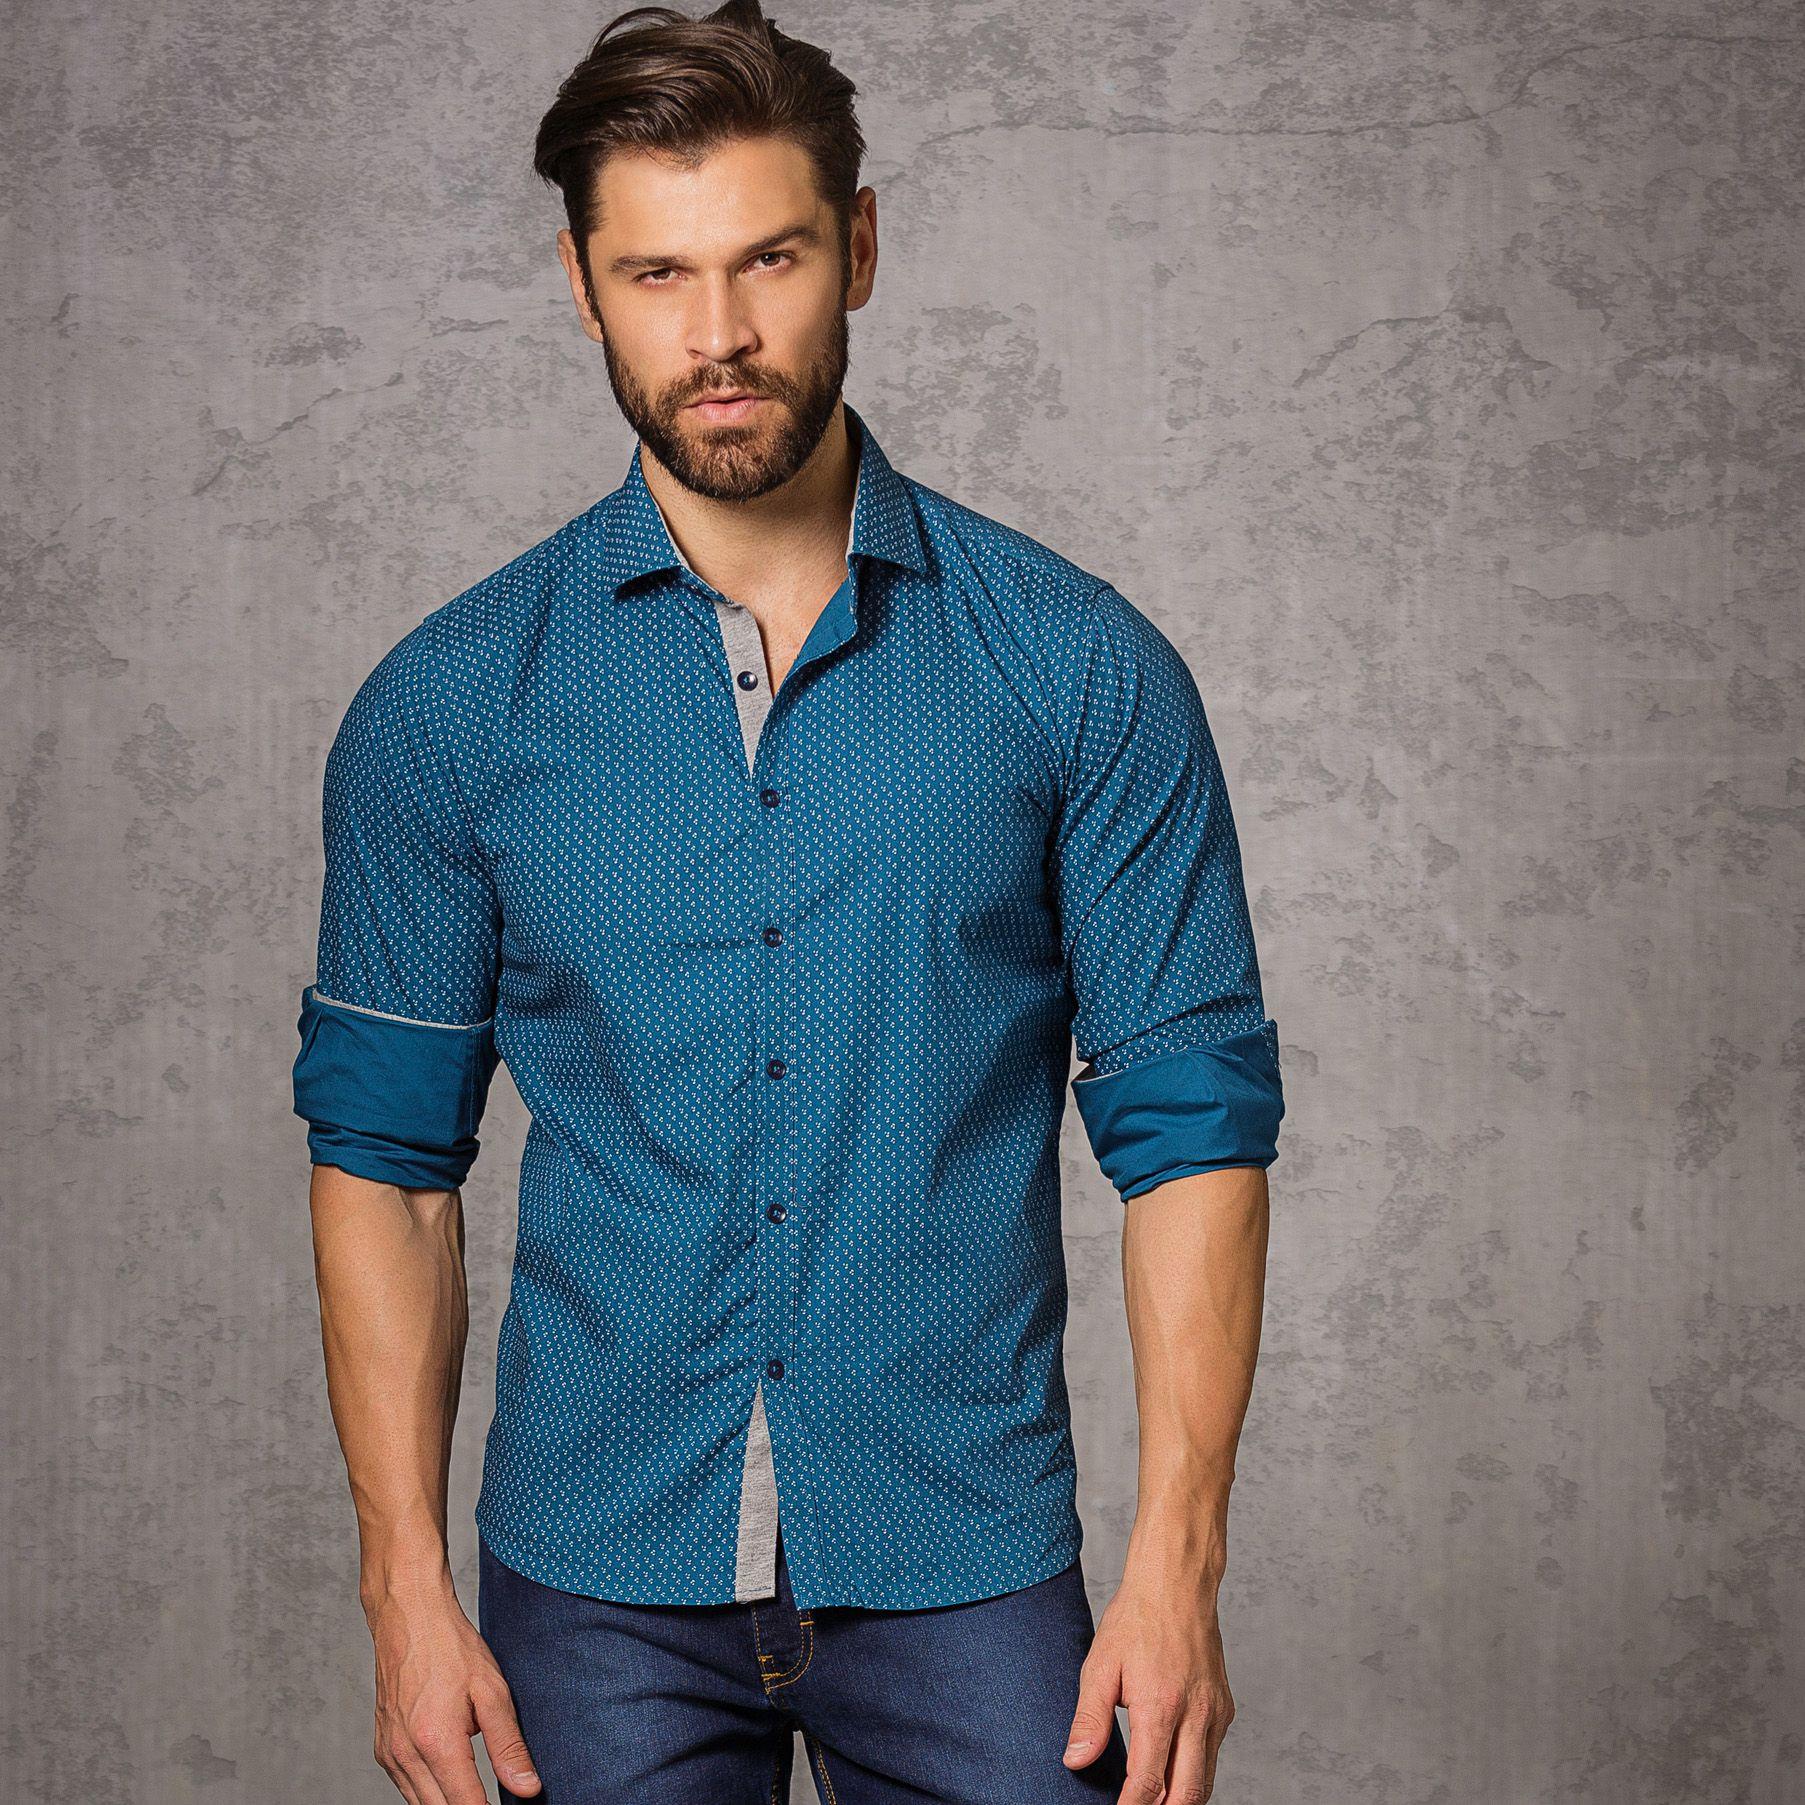 camisa social e calça jeans